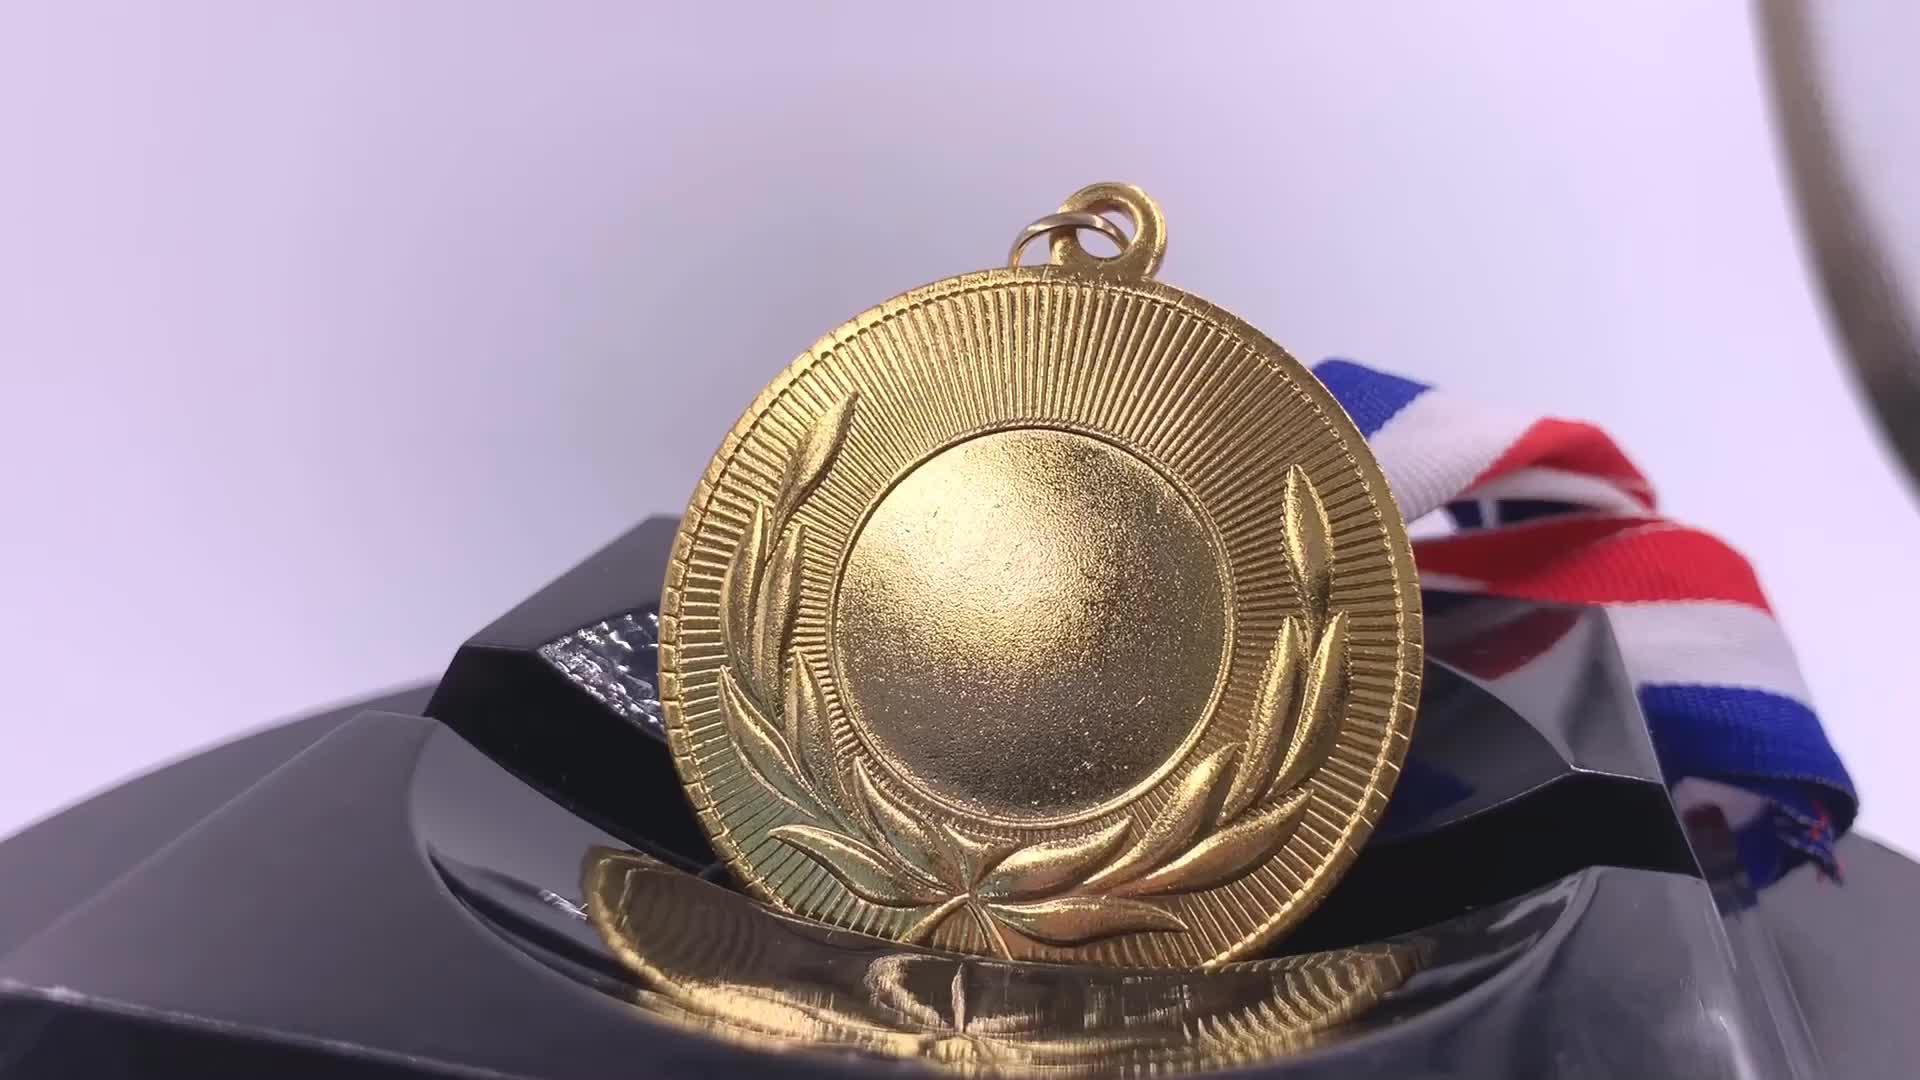 акалай биография, поздравления с золотой медалью в спорте следует помнить, что